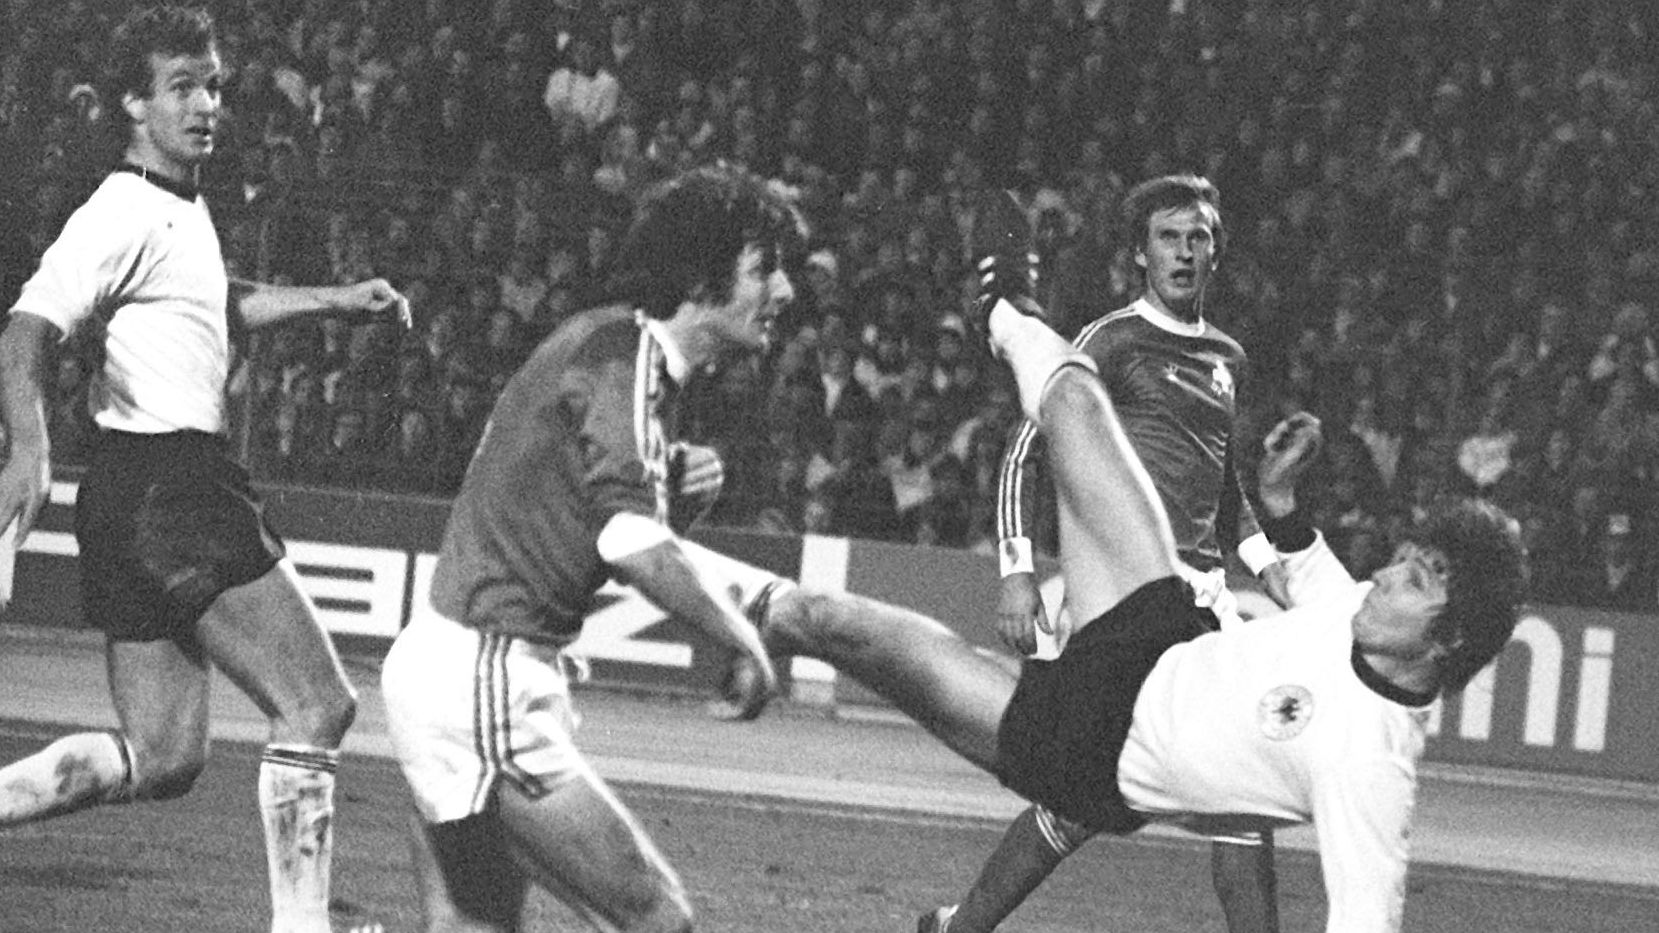 Der deutsche Nationalspieler Klaus Fischer (r) erzielt mit einem Fallrückzieher das 4:1 gegen die Schweiz.